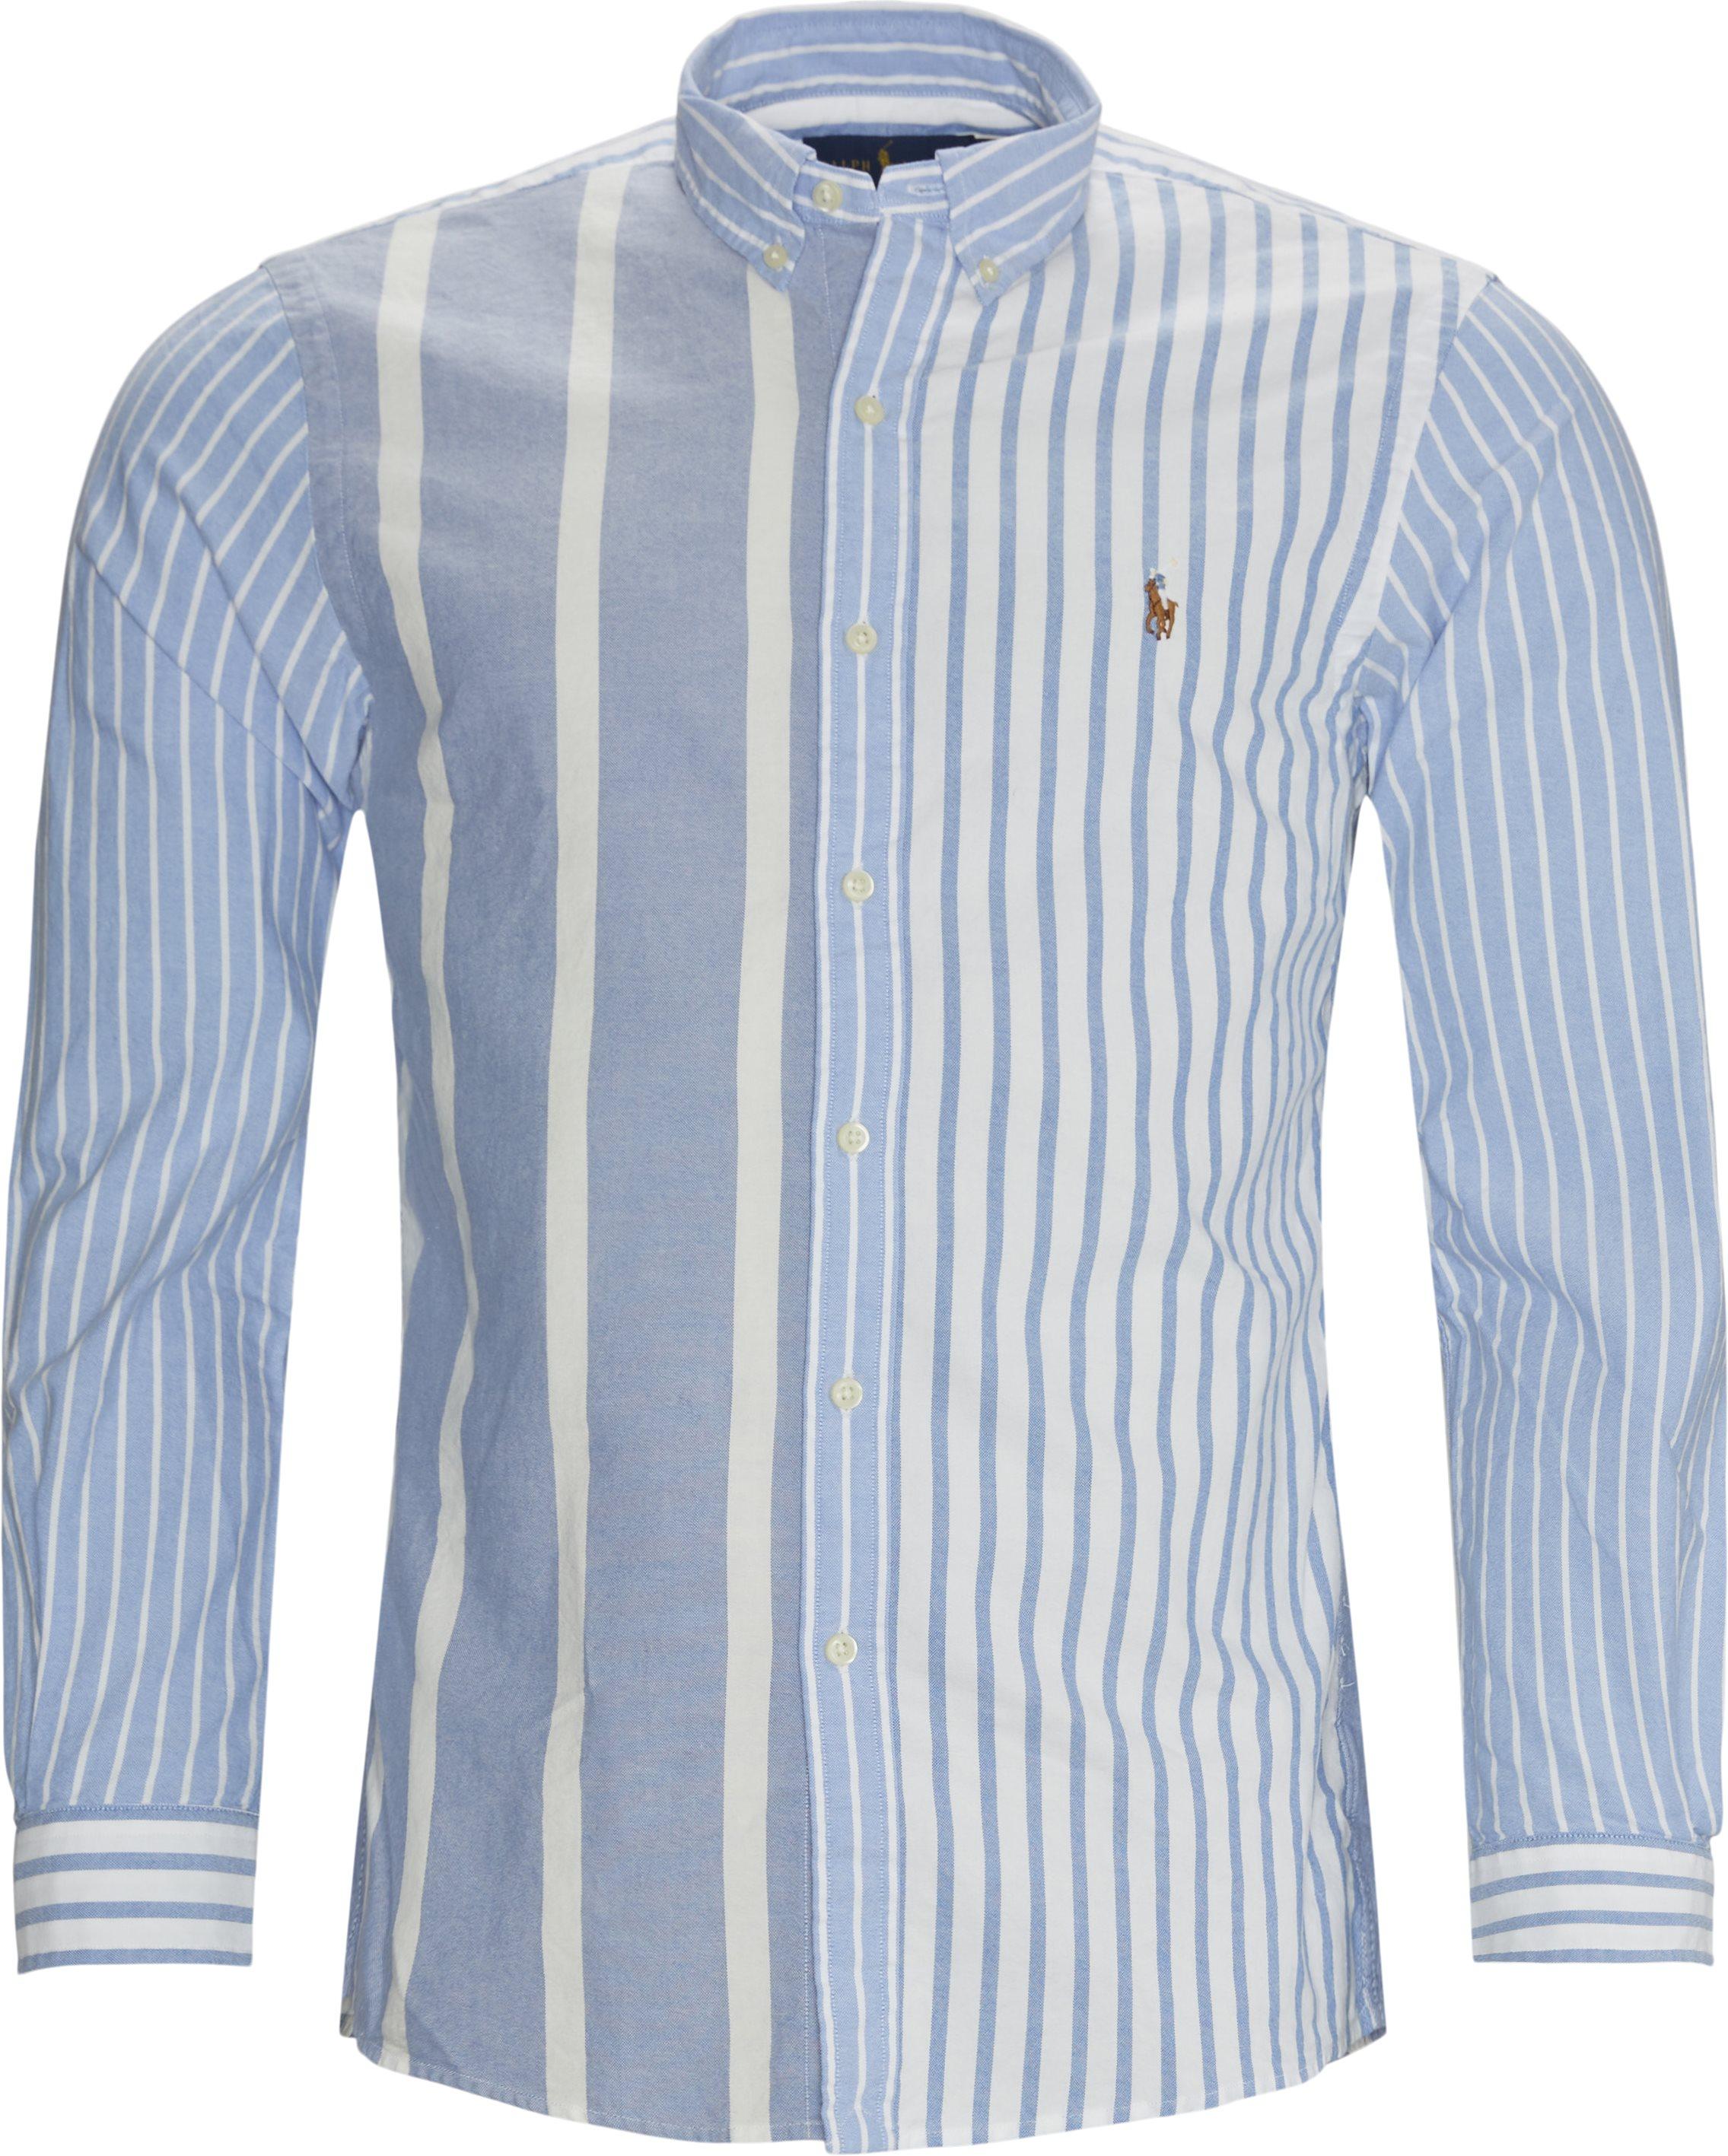 Stripe Shirt - Skjorter - Slim fit - Blå